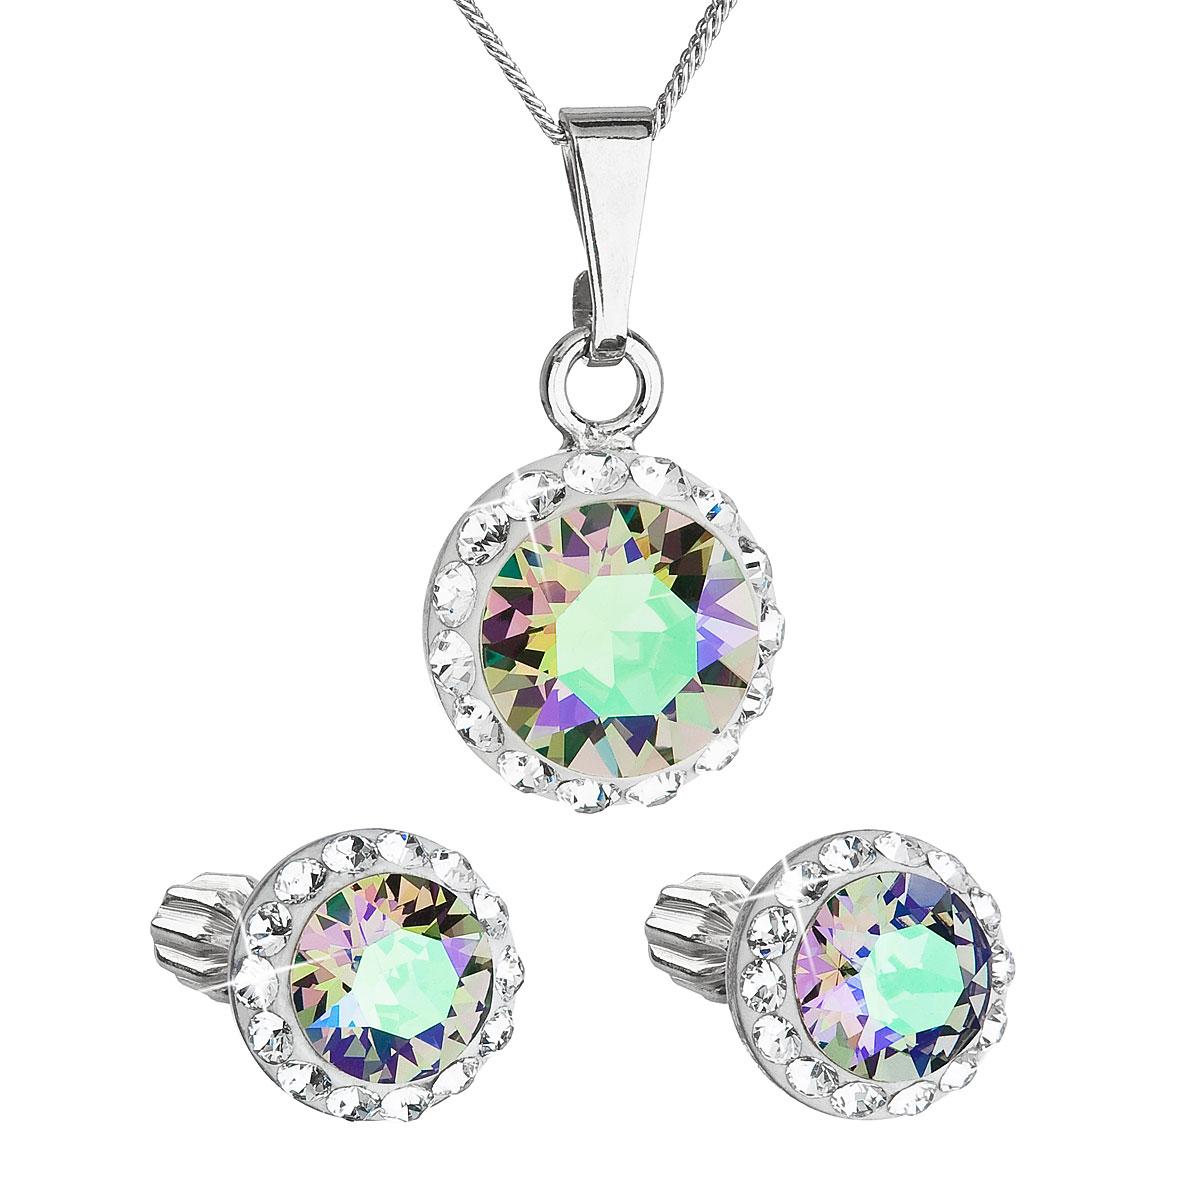 Sada šperkov s krištálmi Swarovski náušnice,retiazka a prívesok zelené fialové okrúhle 39352.5 paradise shine